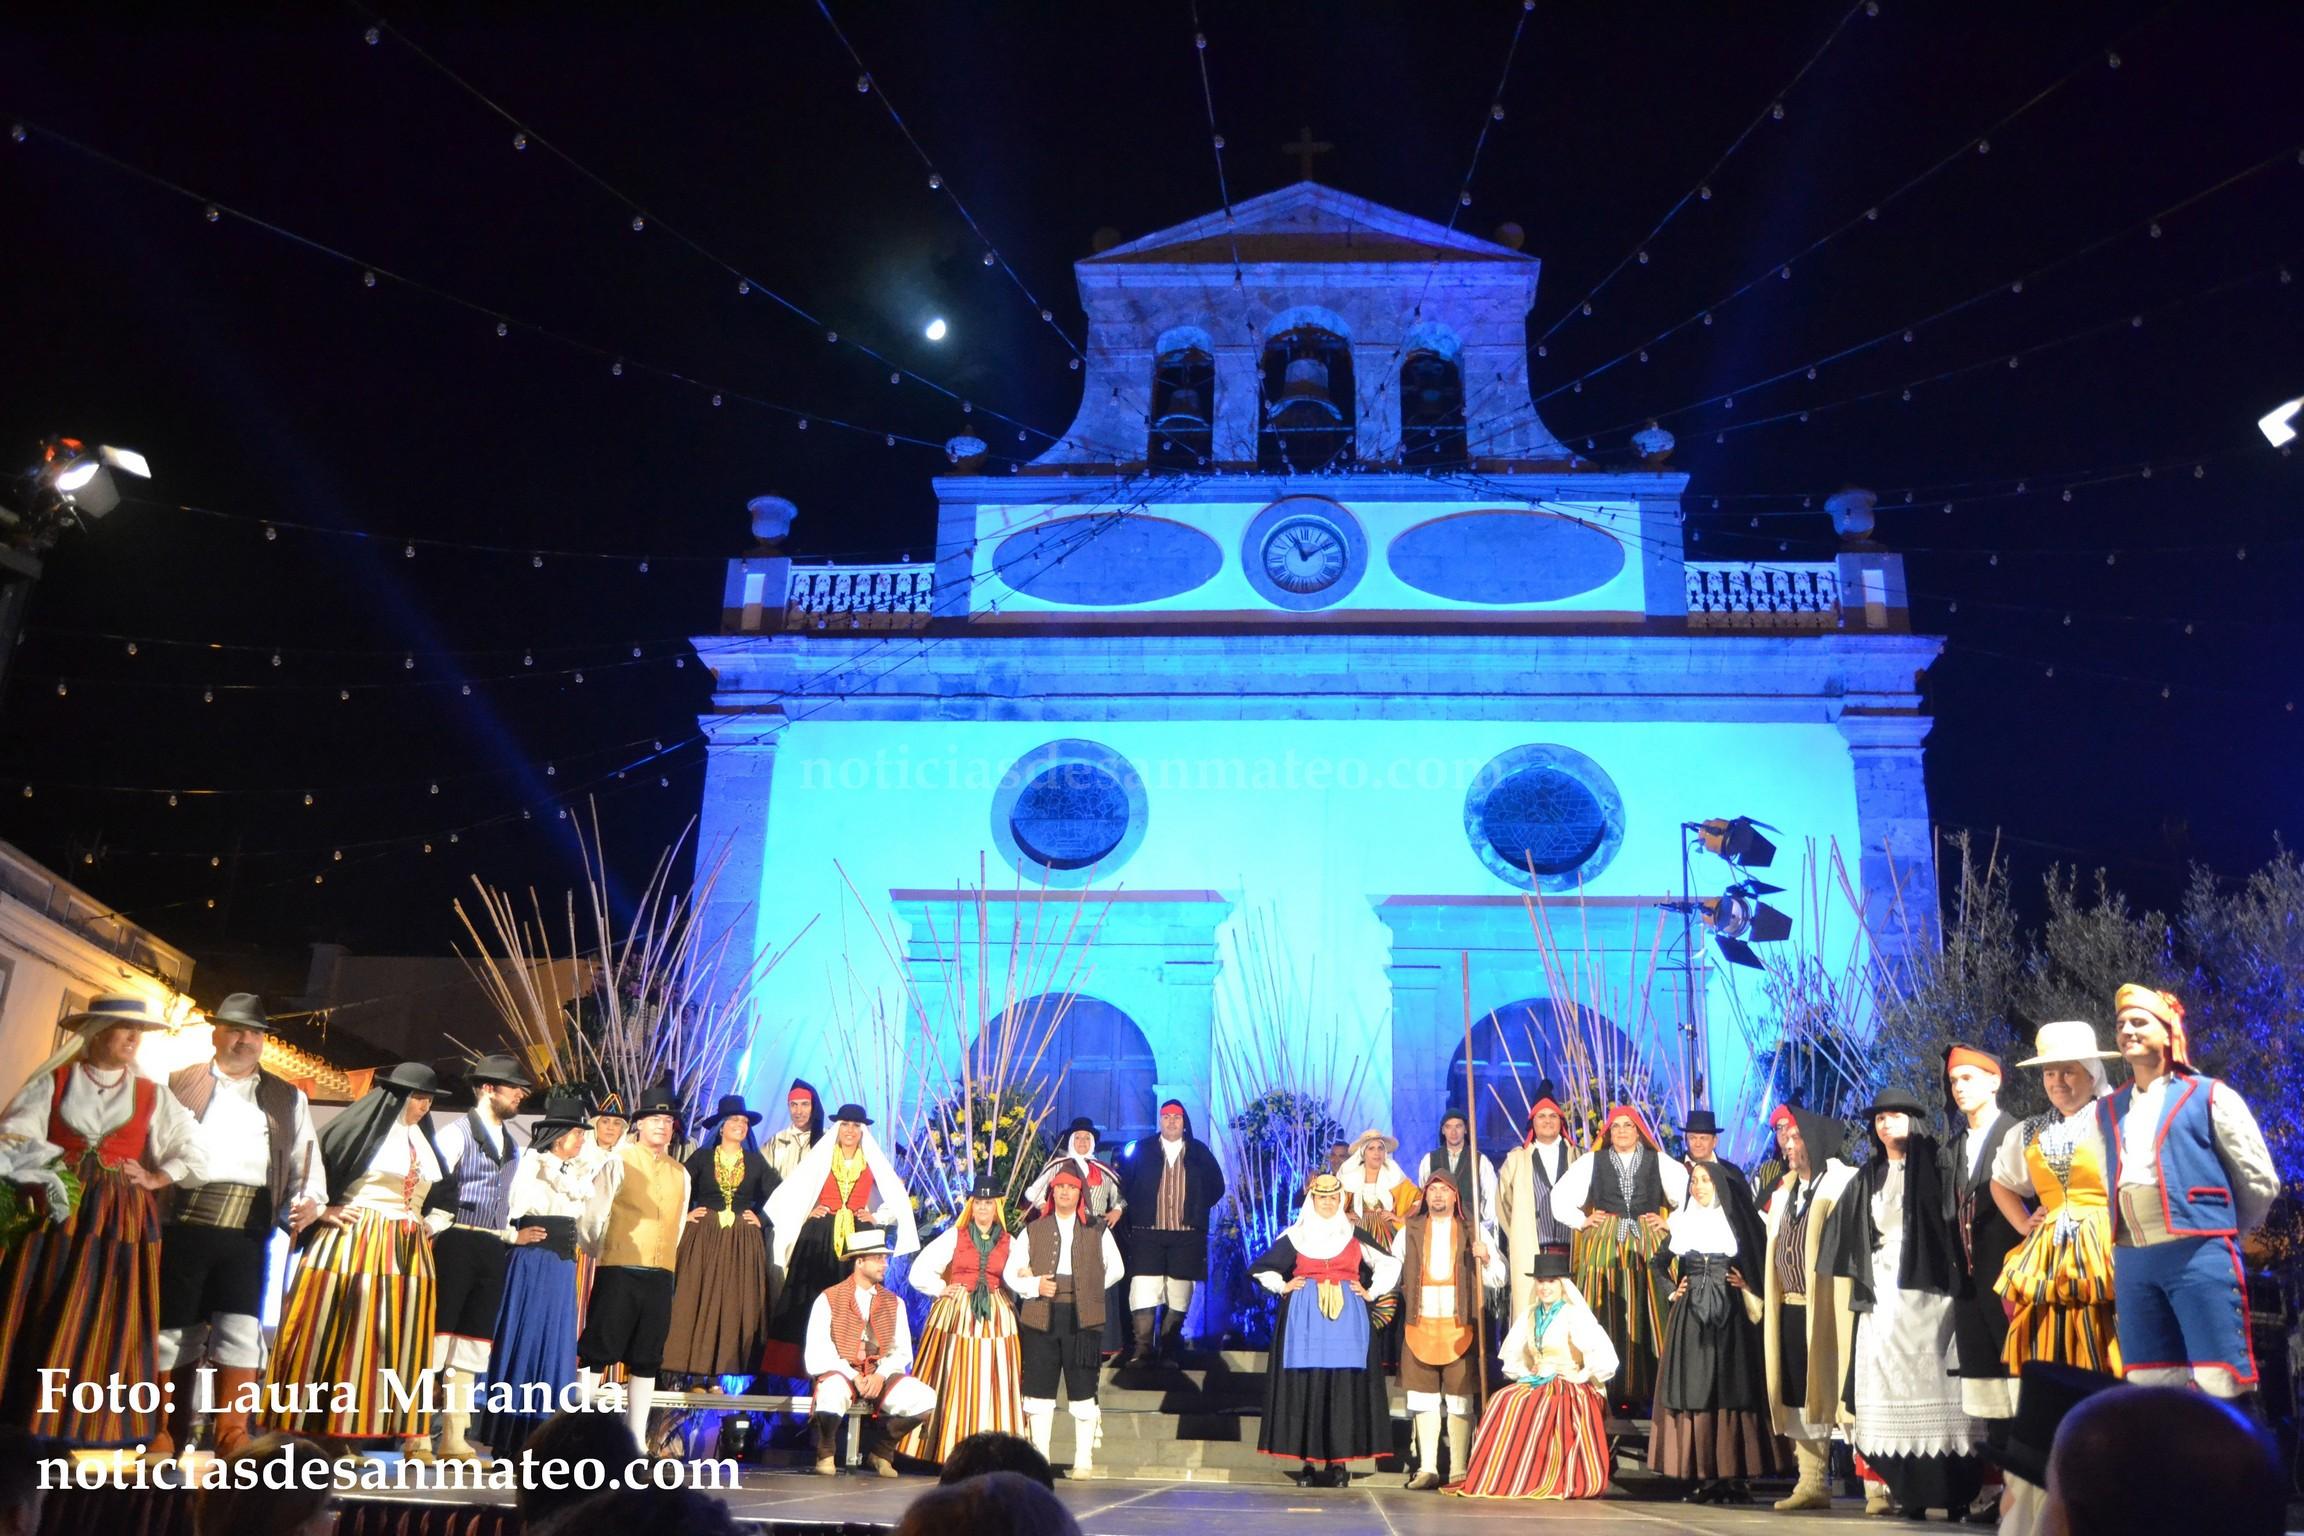 Eleccion Pareja Romeros Fiestas San Mateo 2016 FOTO LAURA MIRANDA NOTICIAS DE SAN MATEO 1